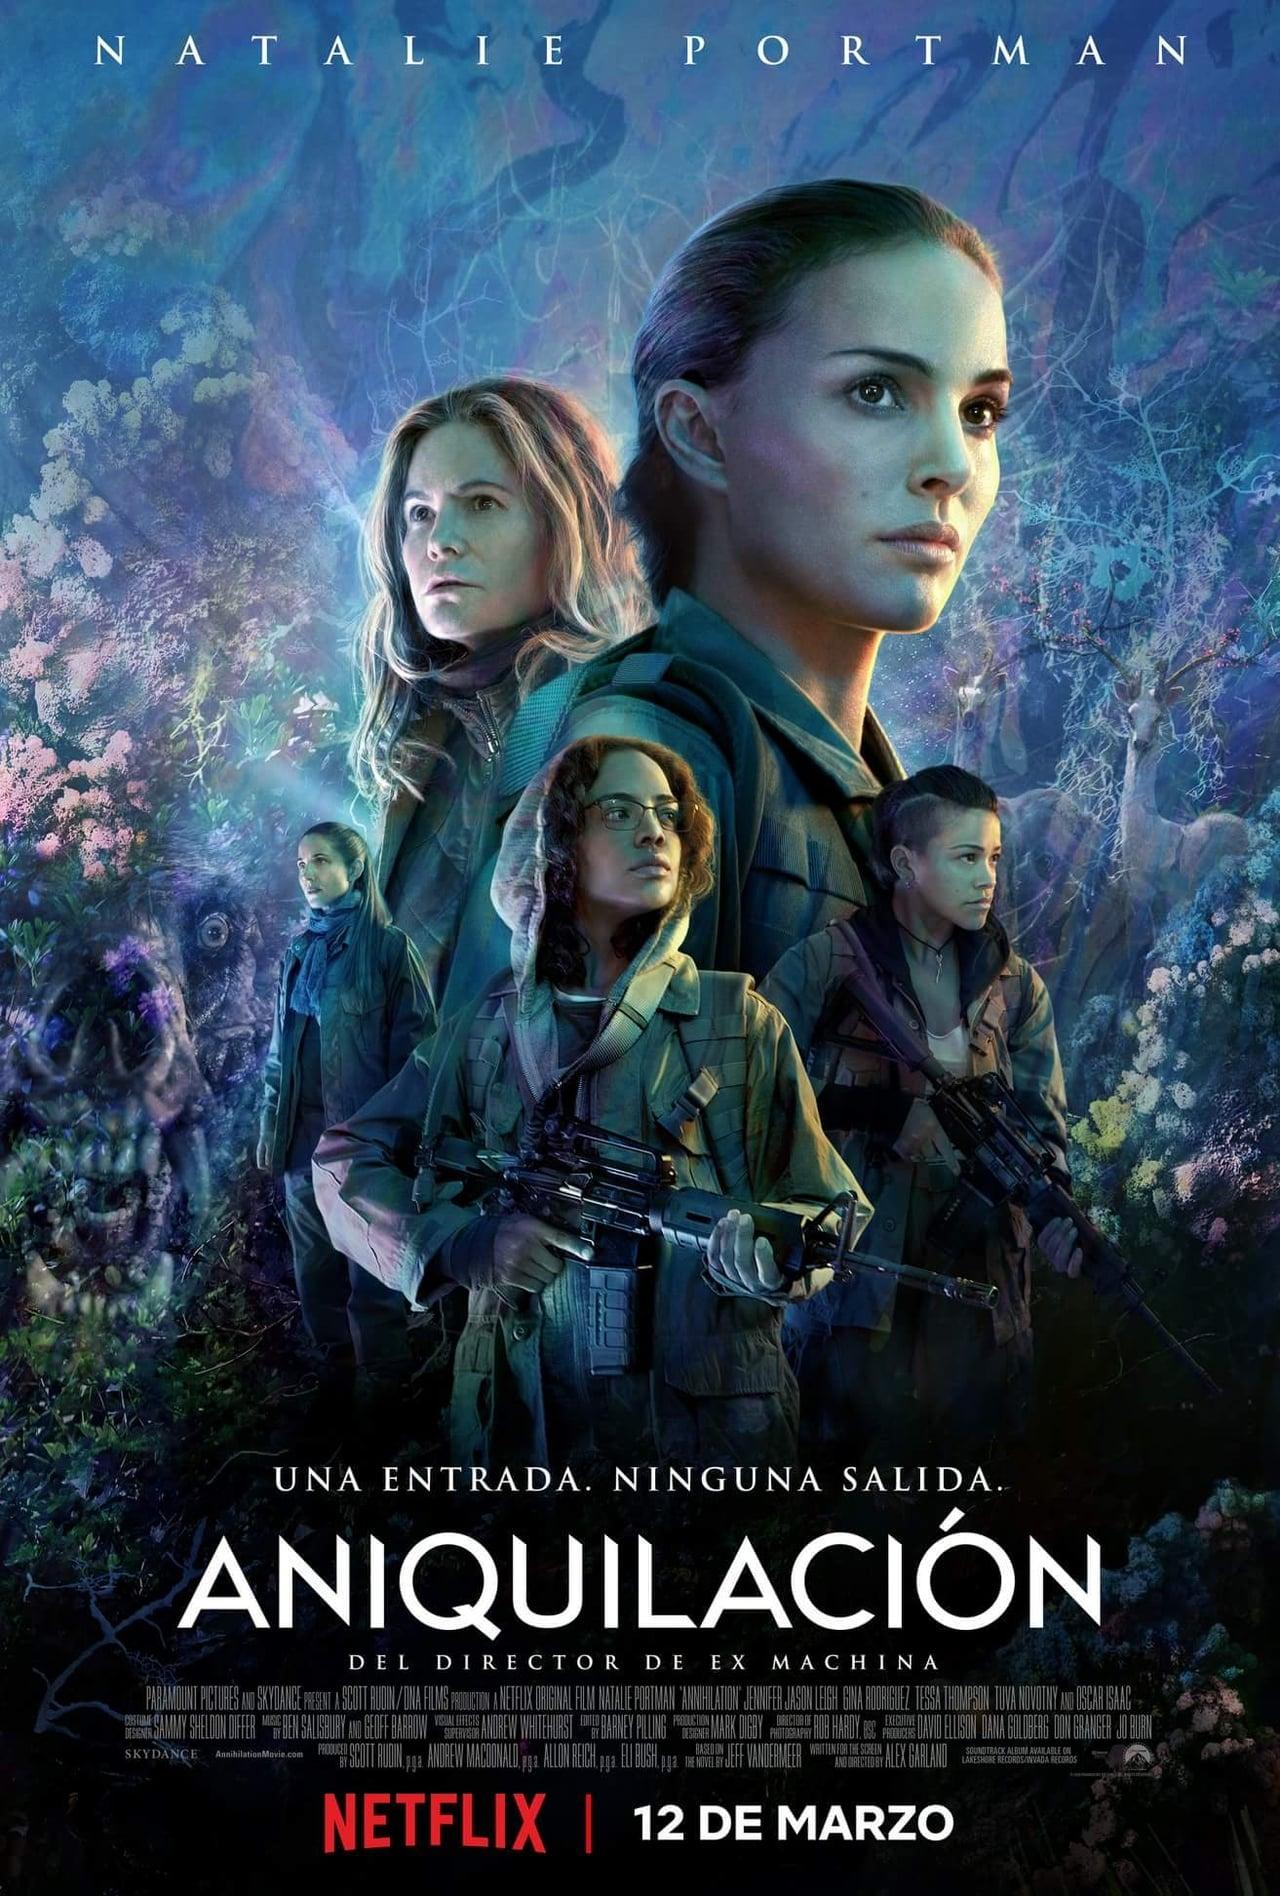 Aniquilación (Annihilation)